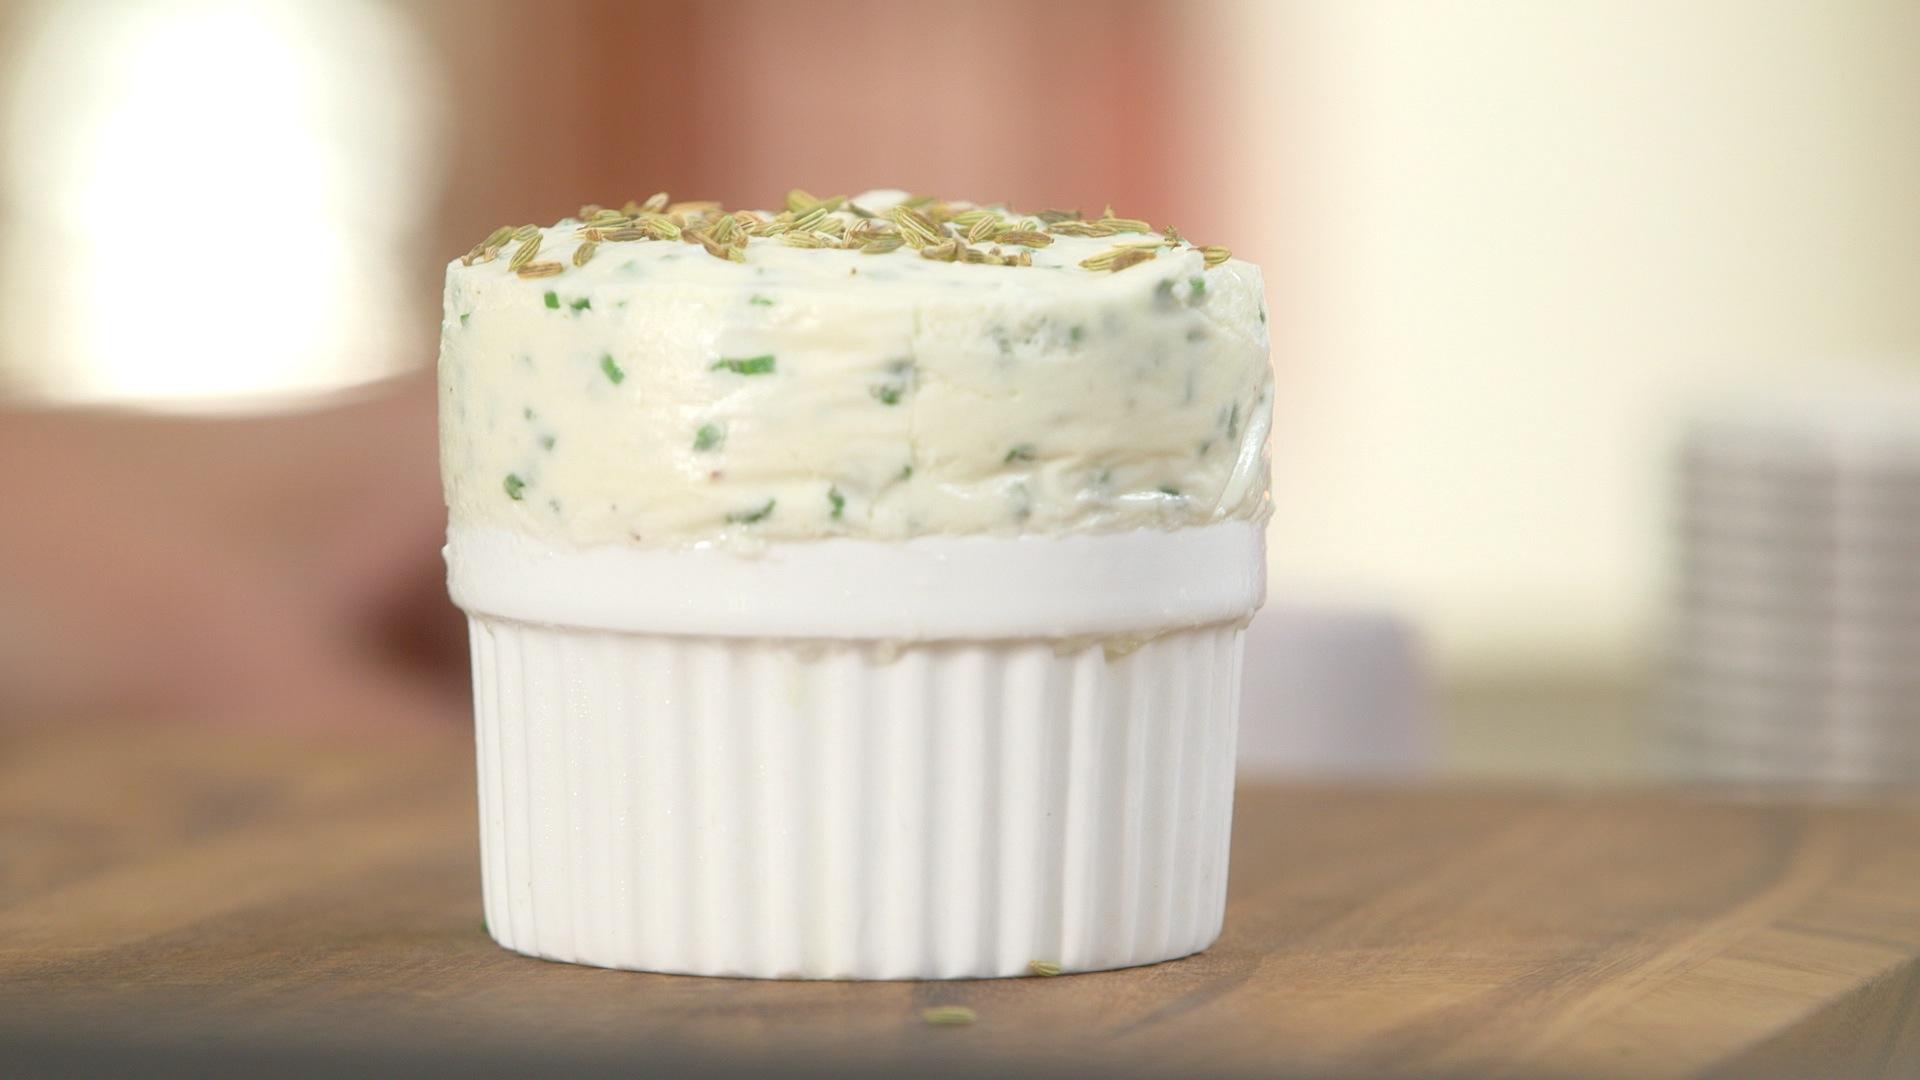 Ma recette de souffl s au fromage frais la ciboulette laurent mariotte - Recette tf1 laurent mariotte ...